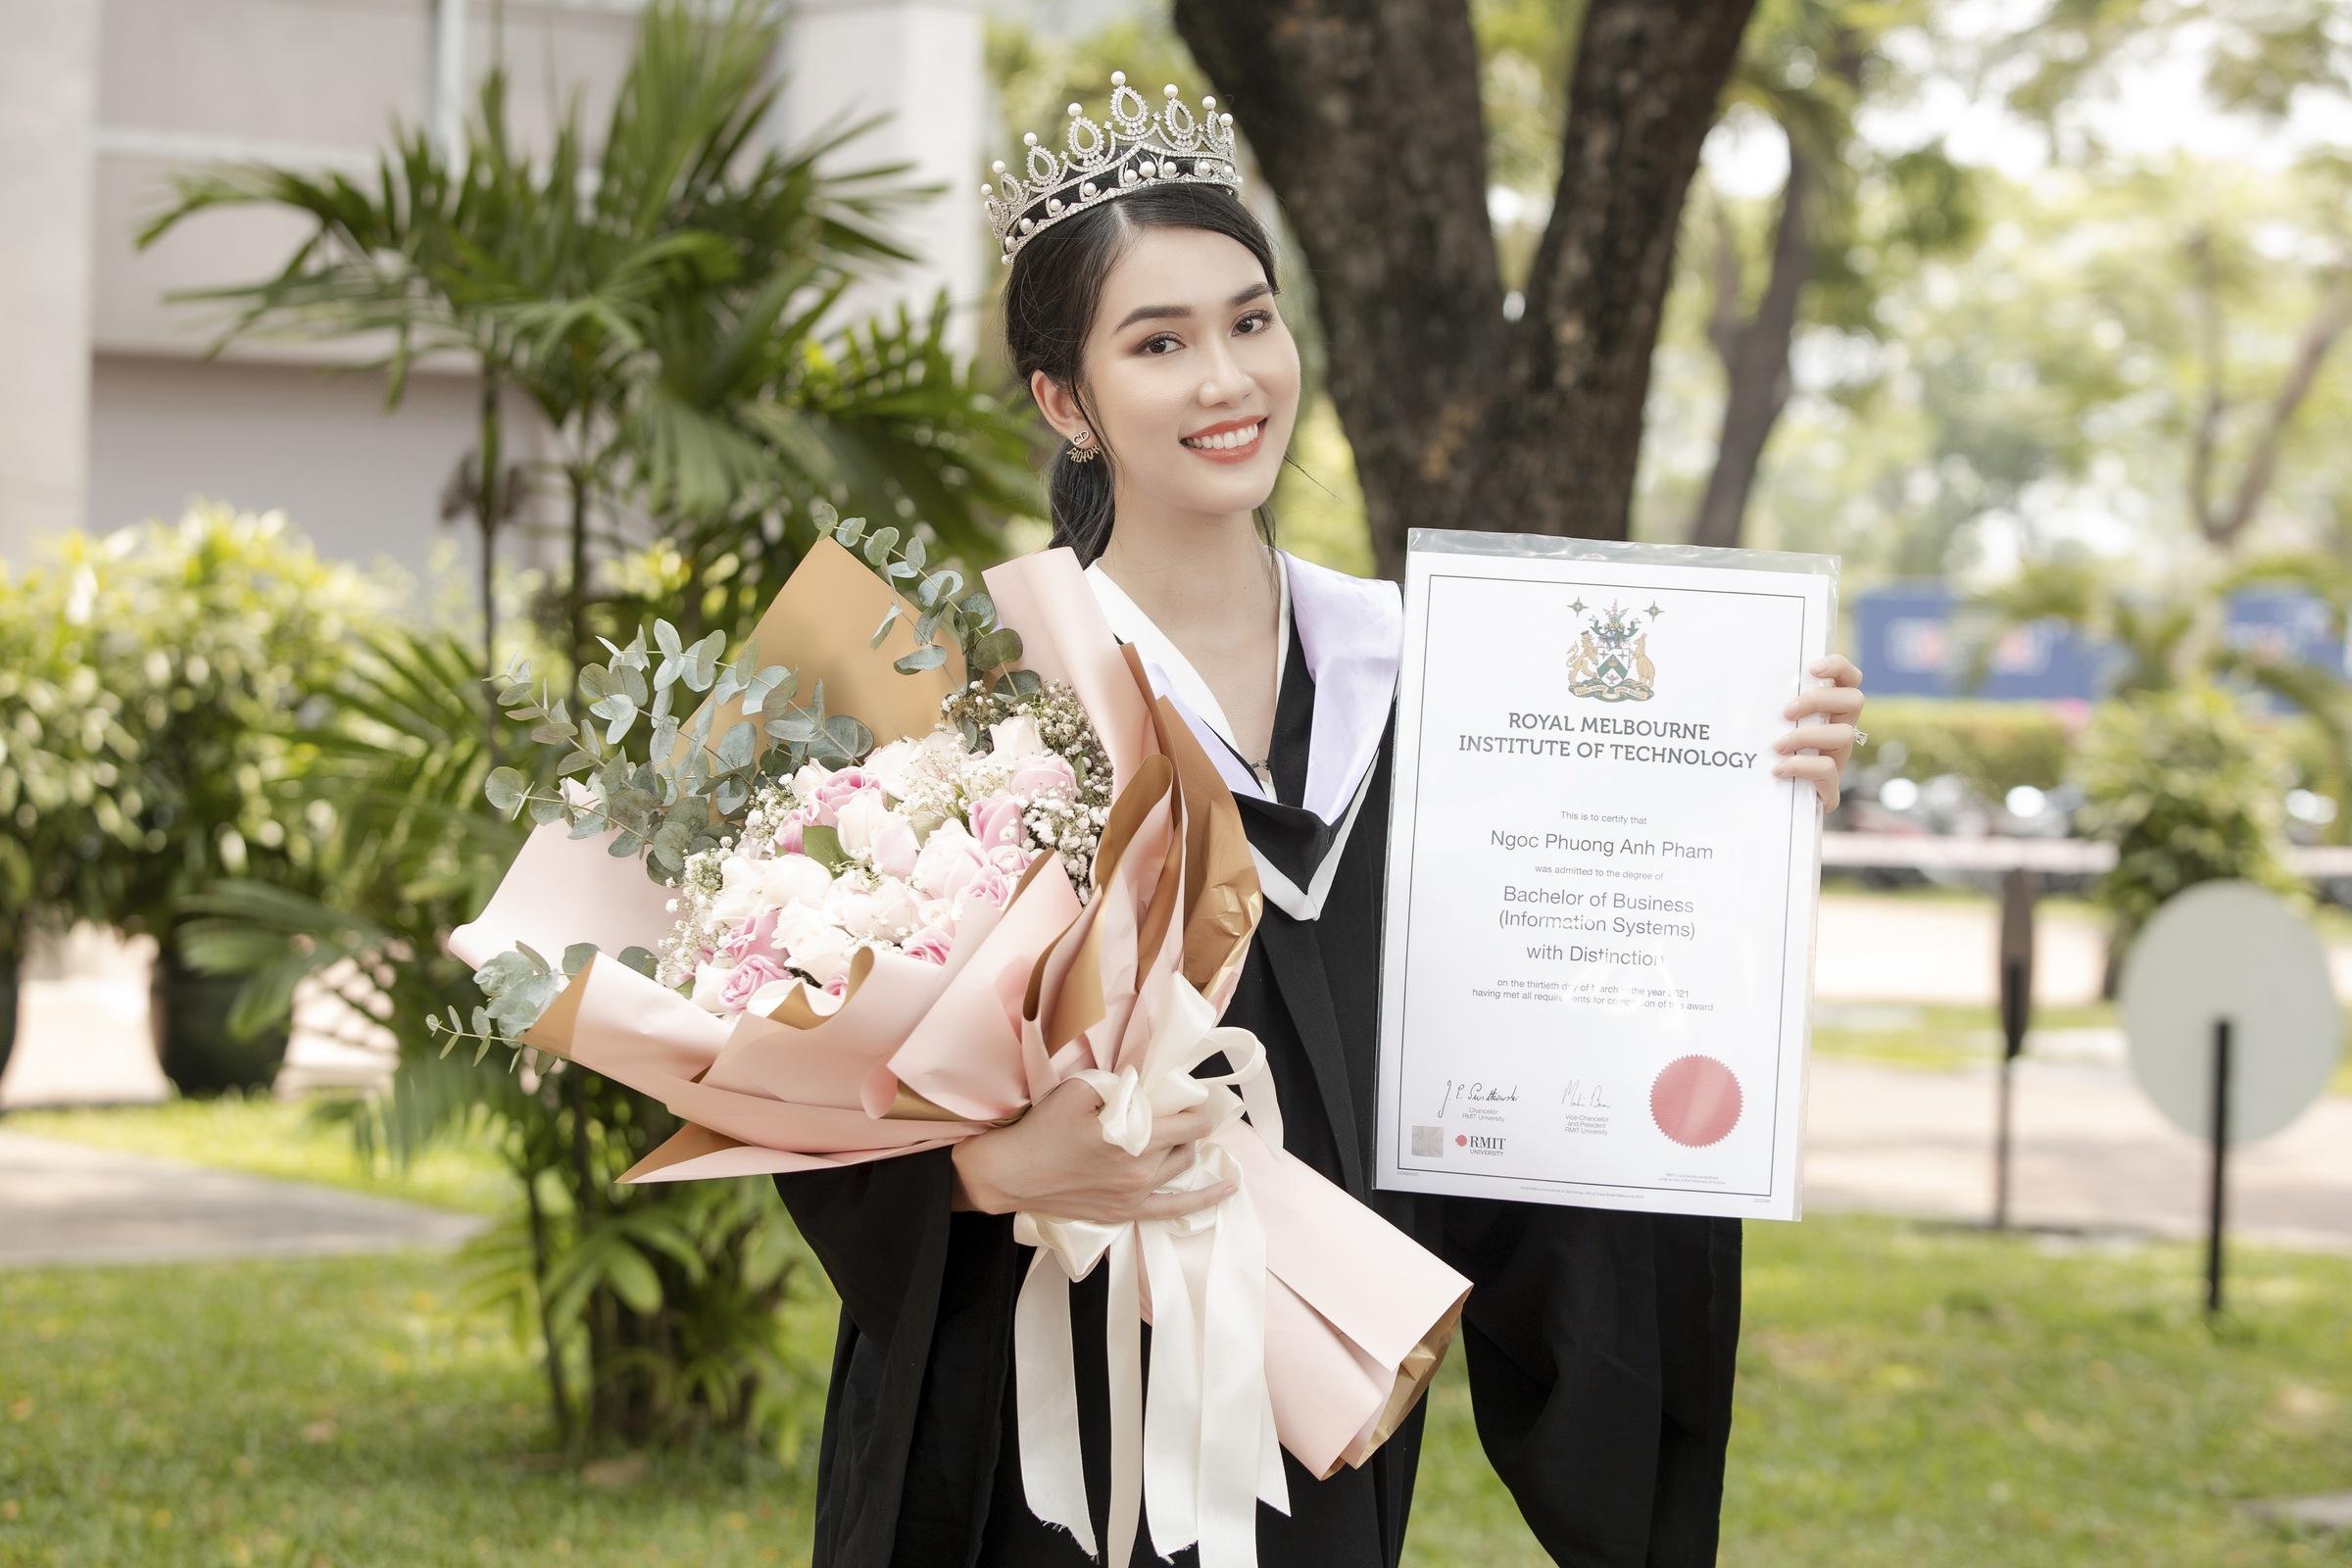 Phạm Ngọc Phương Anh là á hậu 1 Hoa hậu Việt Nam 2020 và được ưu ái gọi là á hậu học giỏi. Cô có các thành tích: